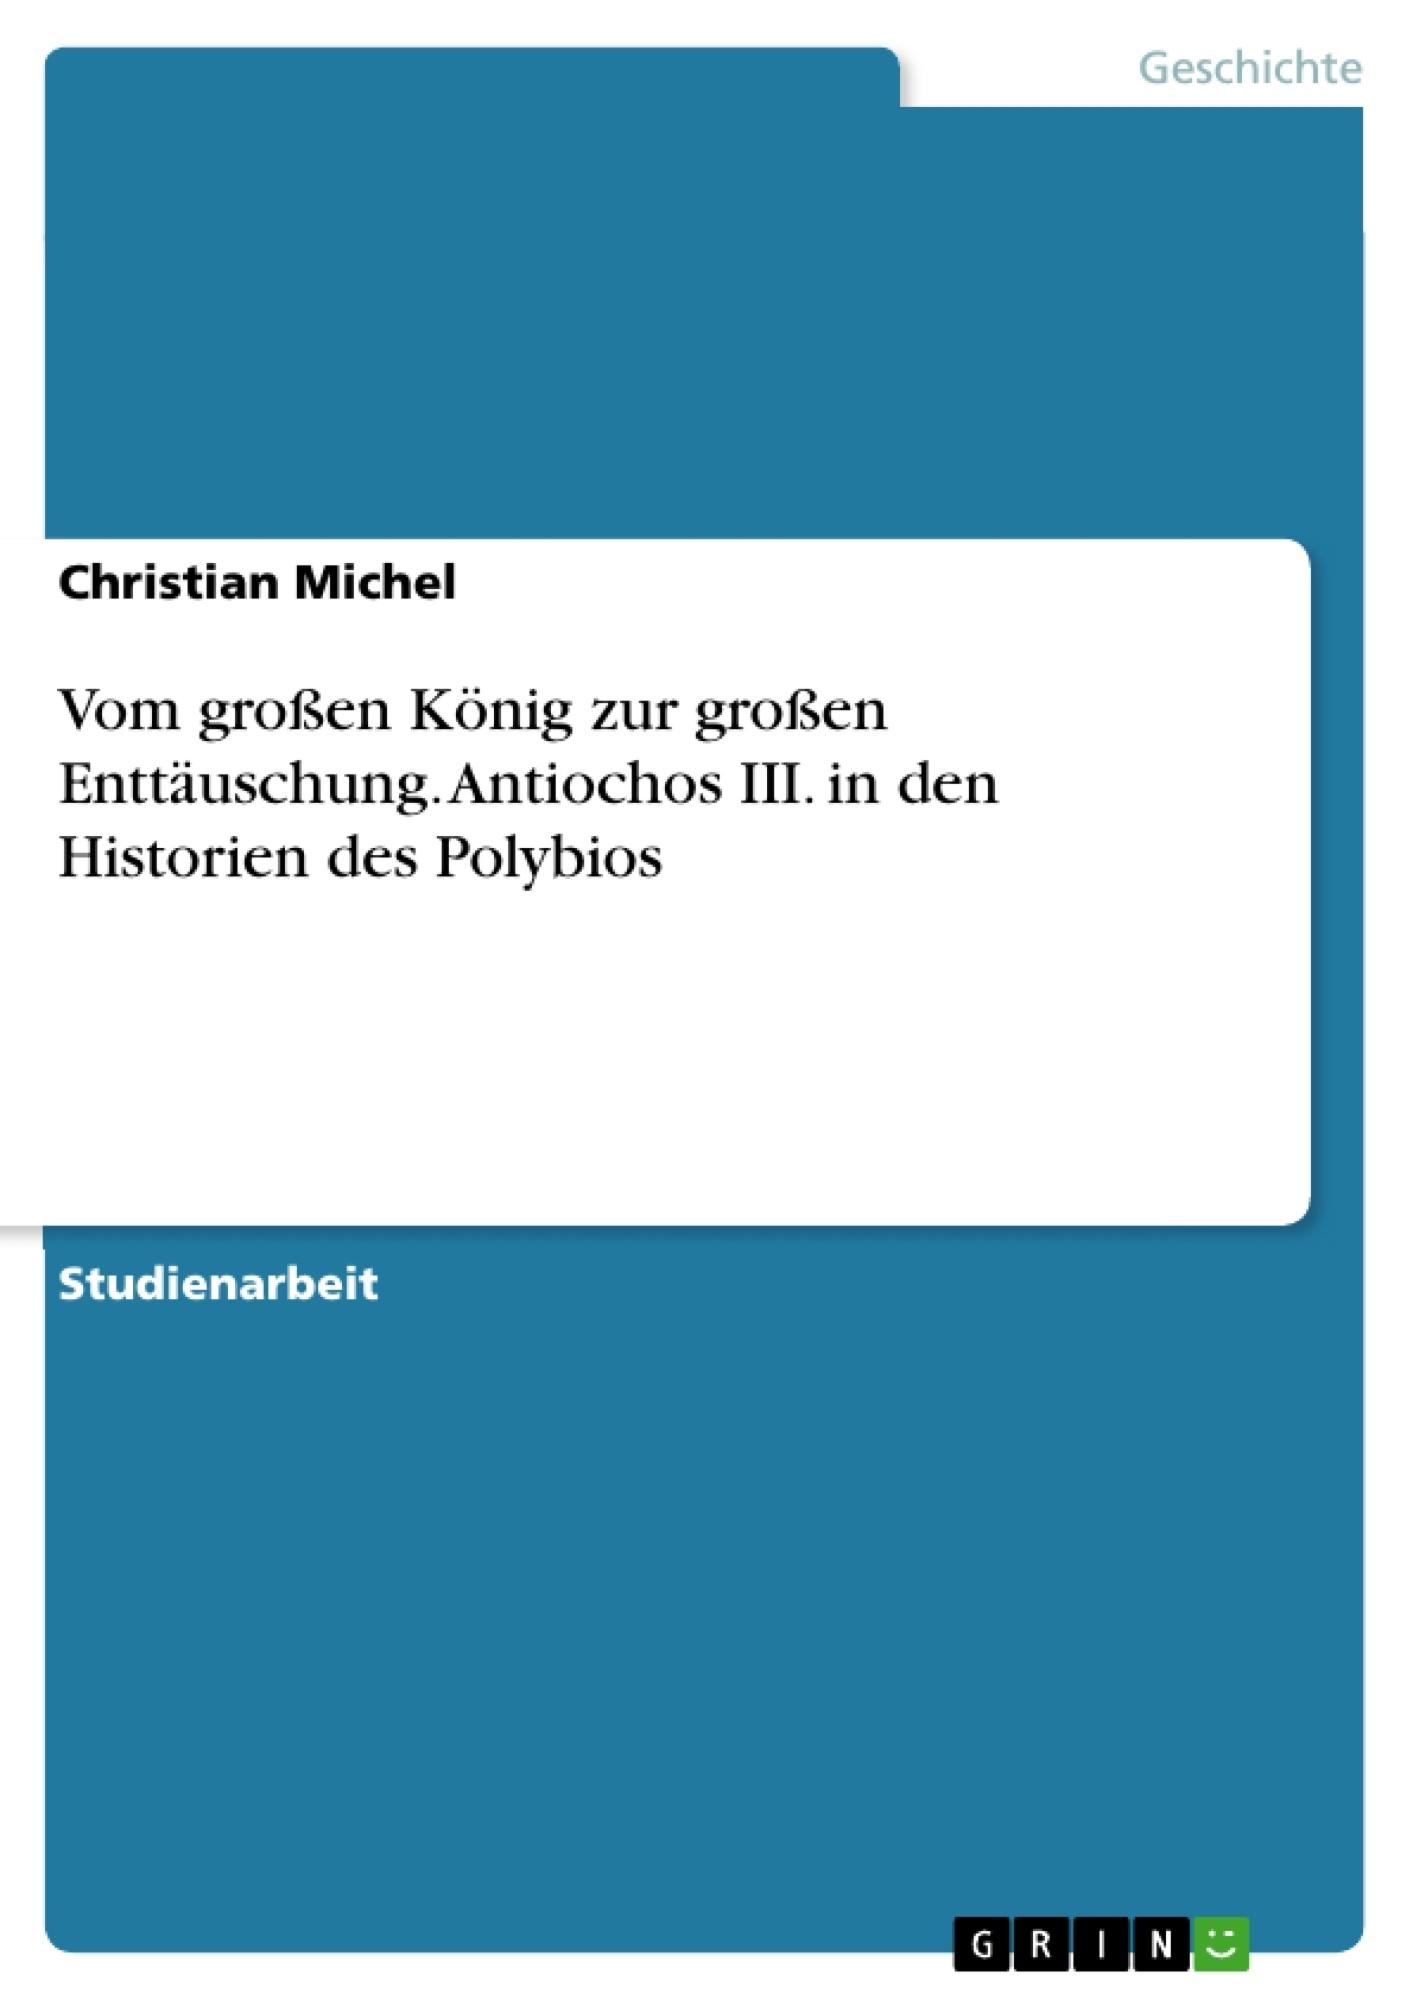 Titel: Vom großen König zur großen Enttäuschung. Antiochos III. in den Historien des Polybios